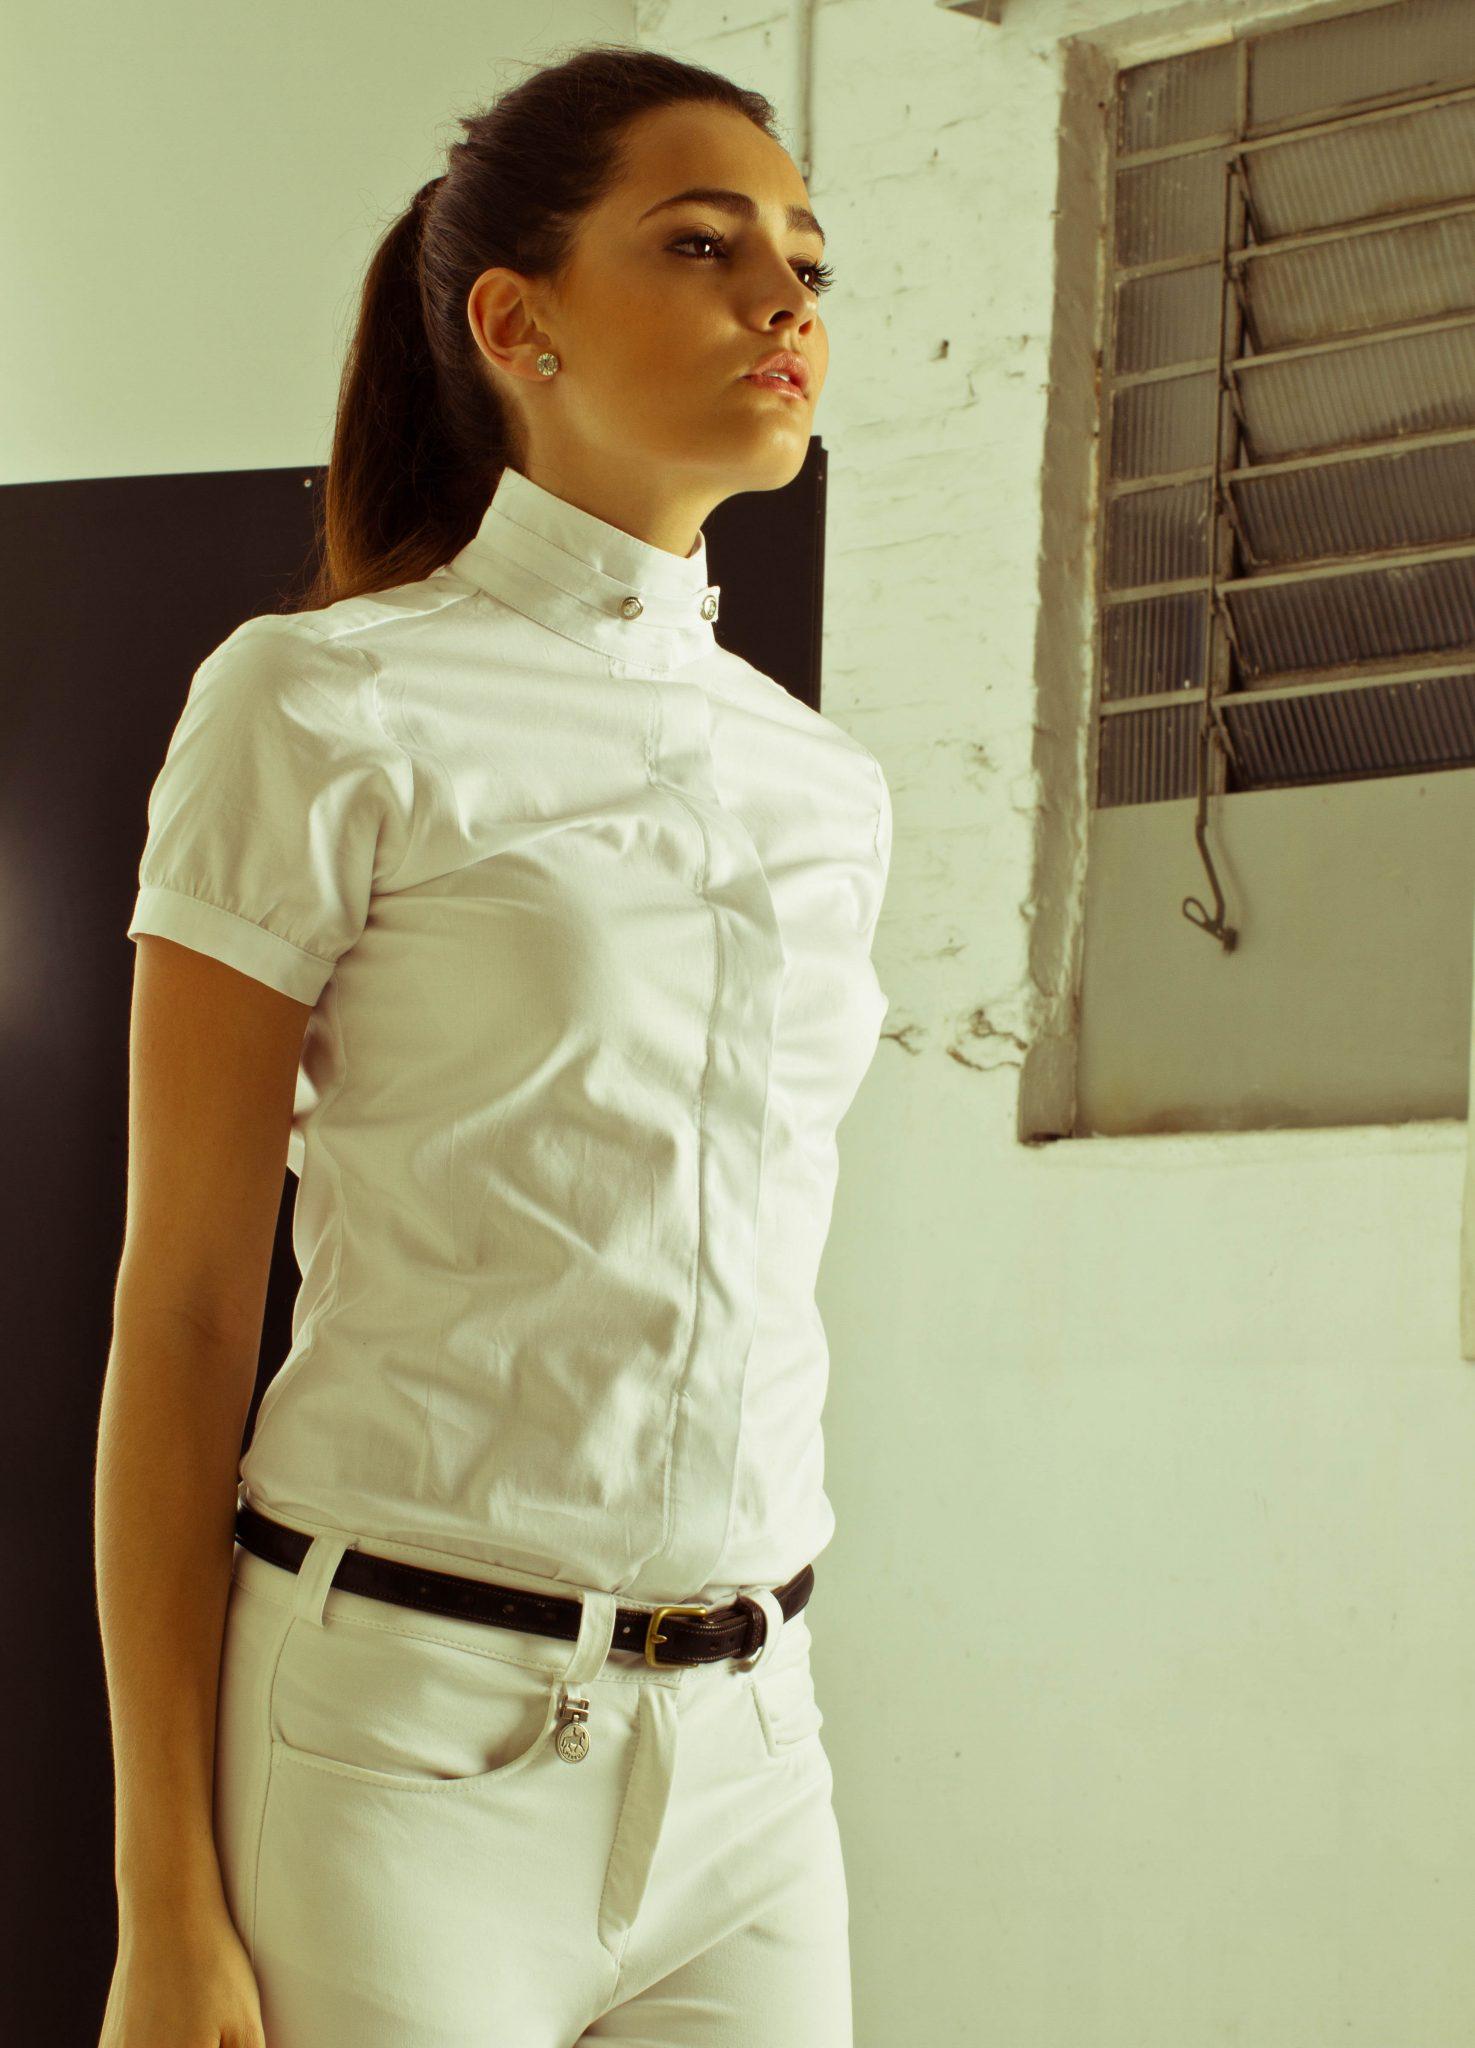 mariana_veniss_alta-258